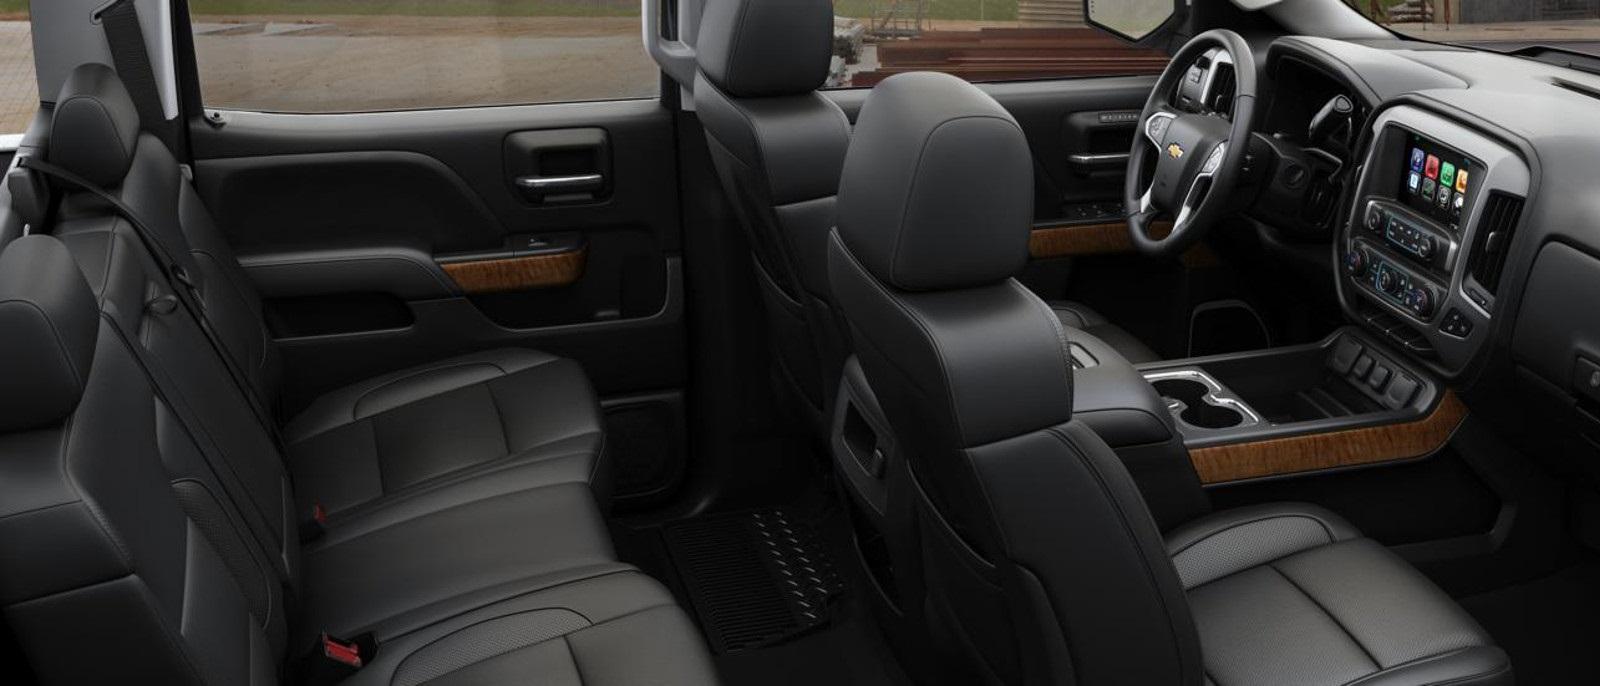 2016 Chevy Silverado 2500HD Seats